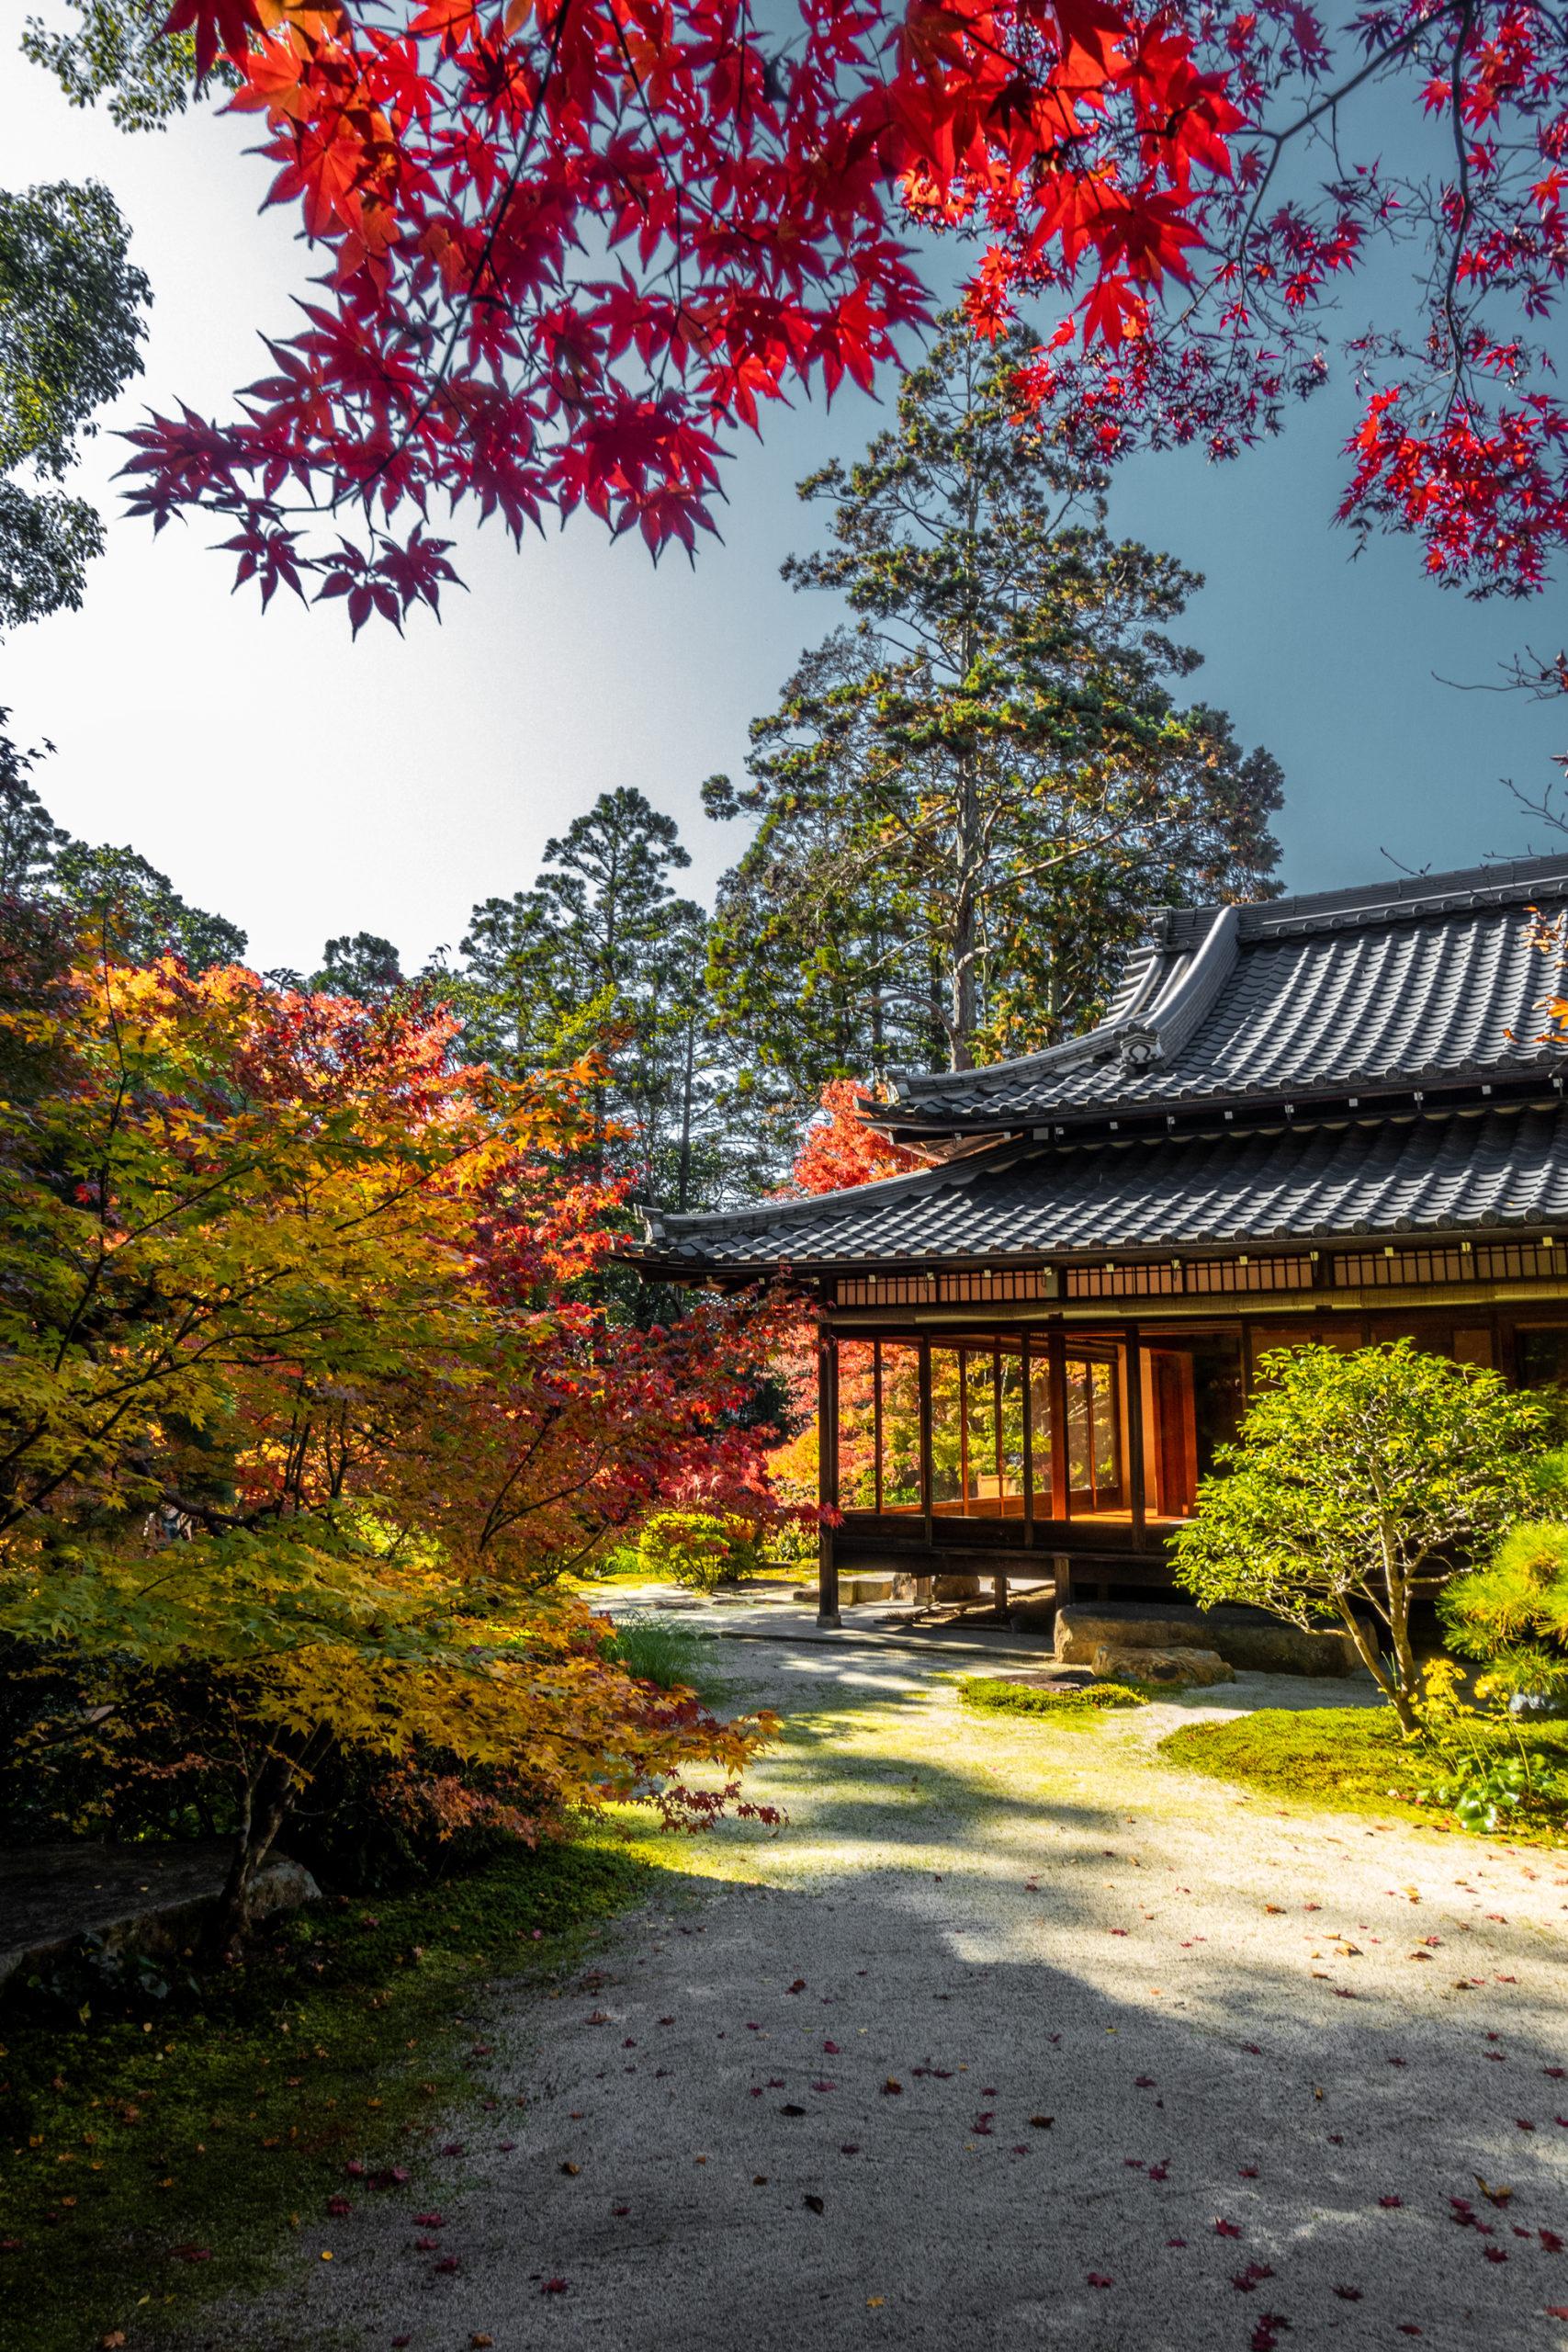 DSC00632-scaled 京都  天授庵(紅葉の美しい庭園が見所な秋におすすめのスポット!撮影した写真の紹介、アクセス情報など)